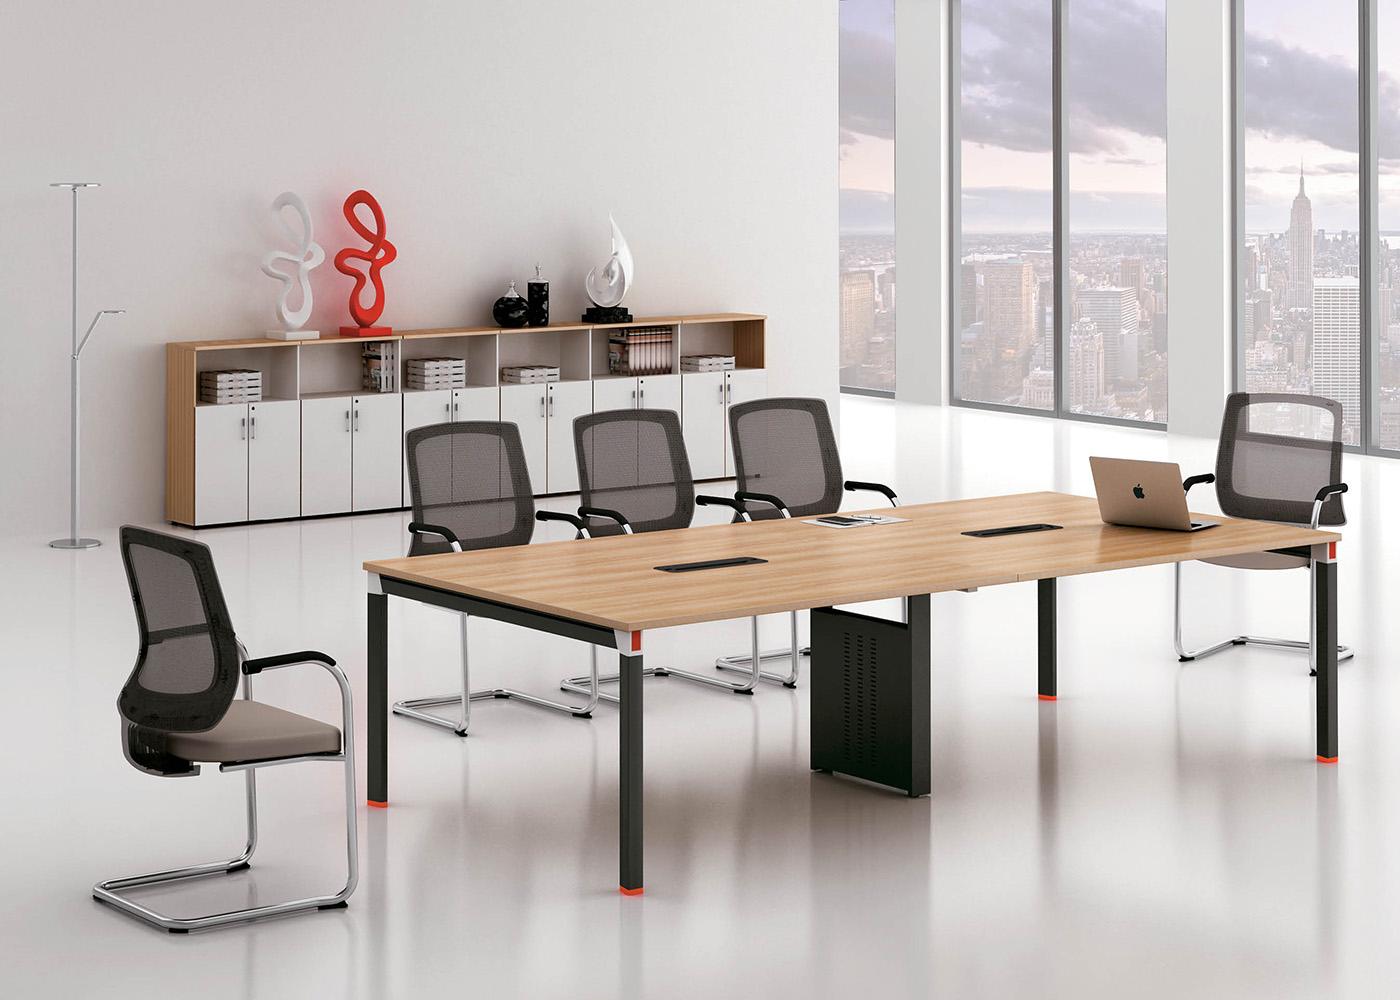 格莱特会议桌C02,上海会议桌【尺寸 价格 图片 品牌】